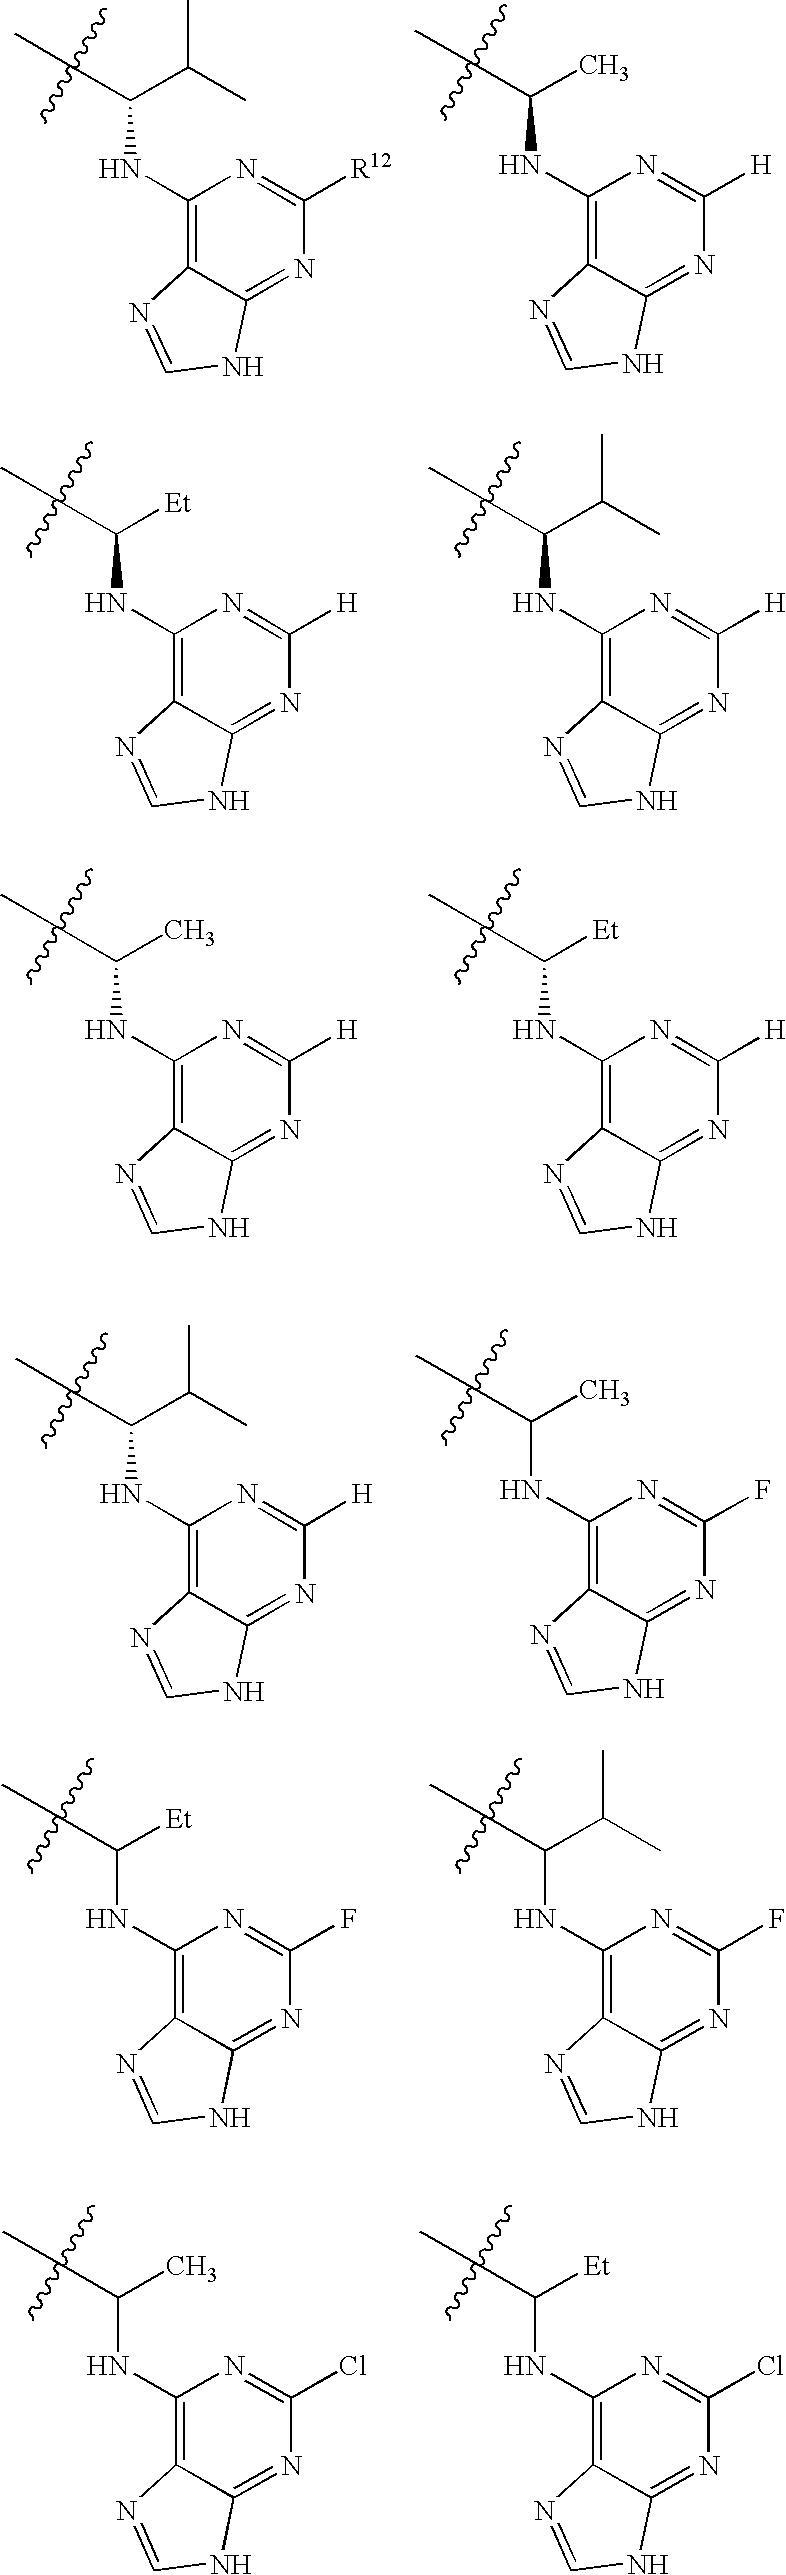 Figure US08193182-20120605-C00037